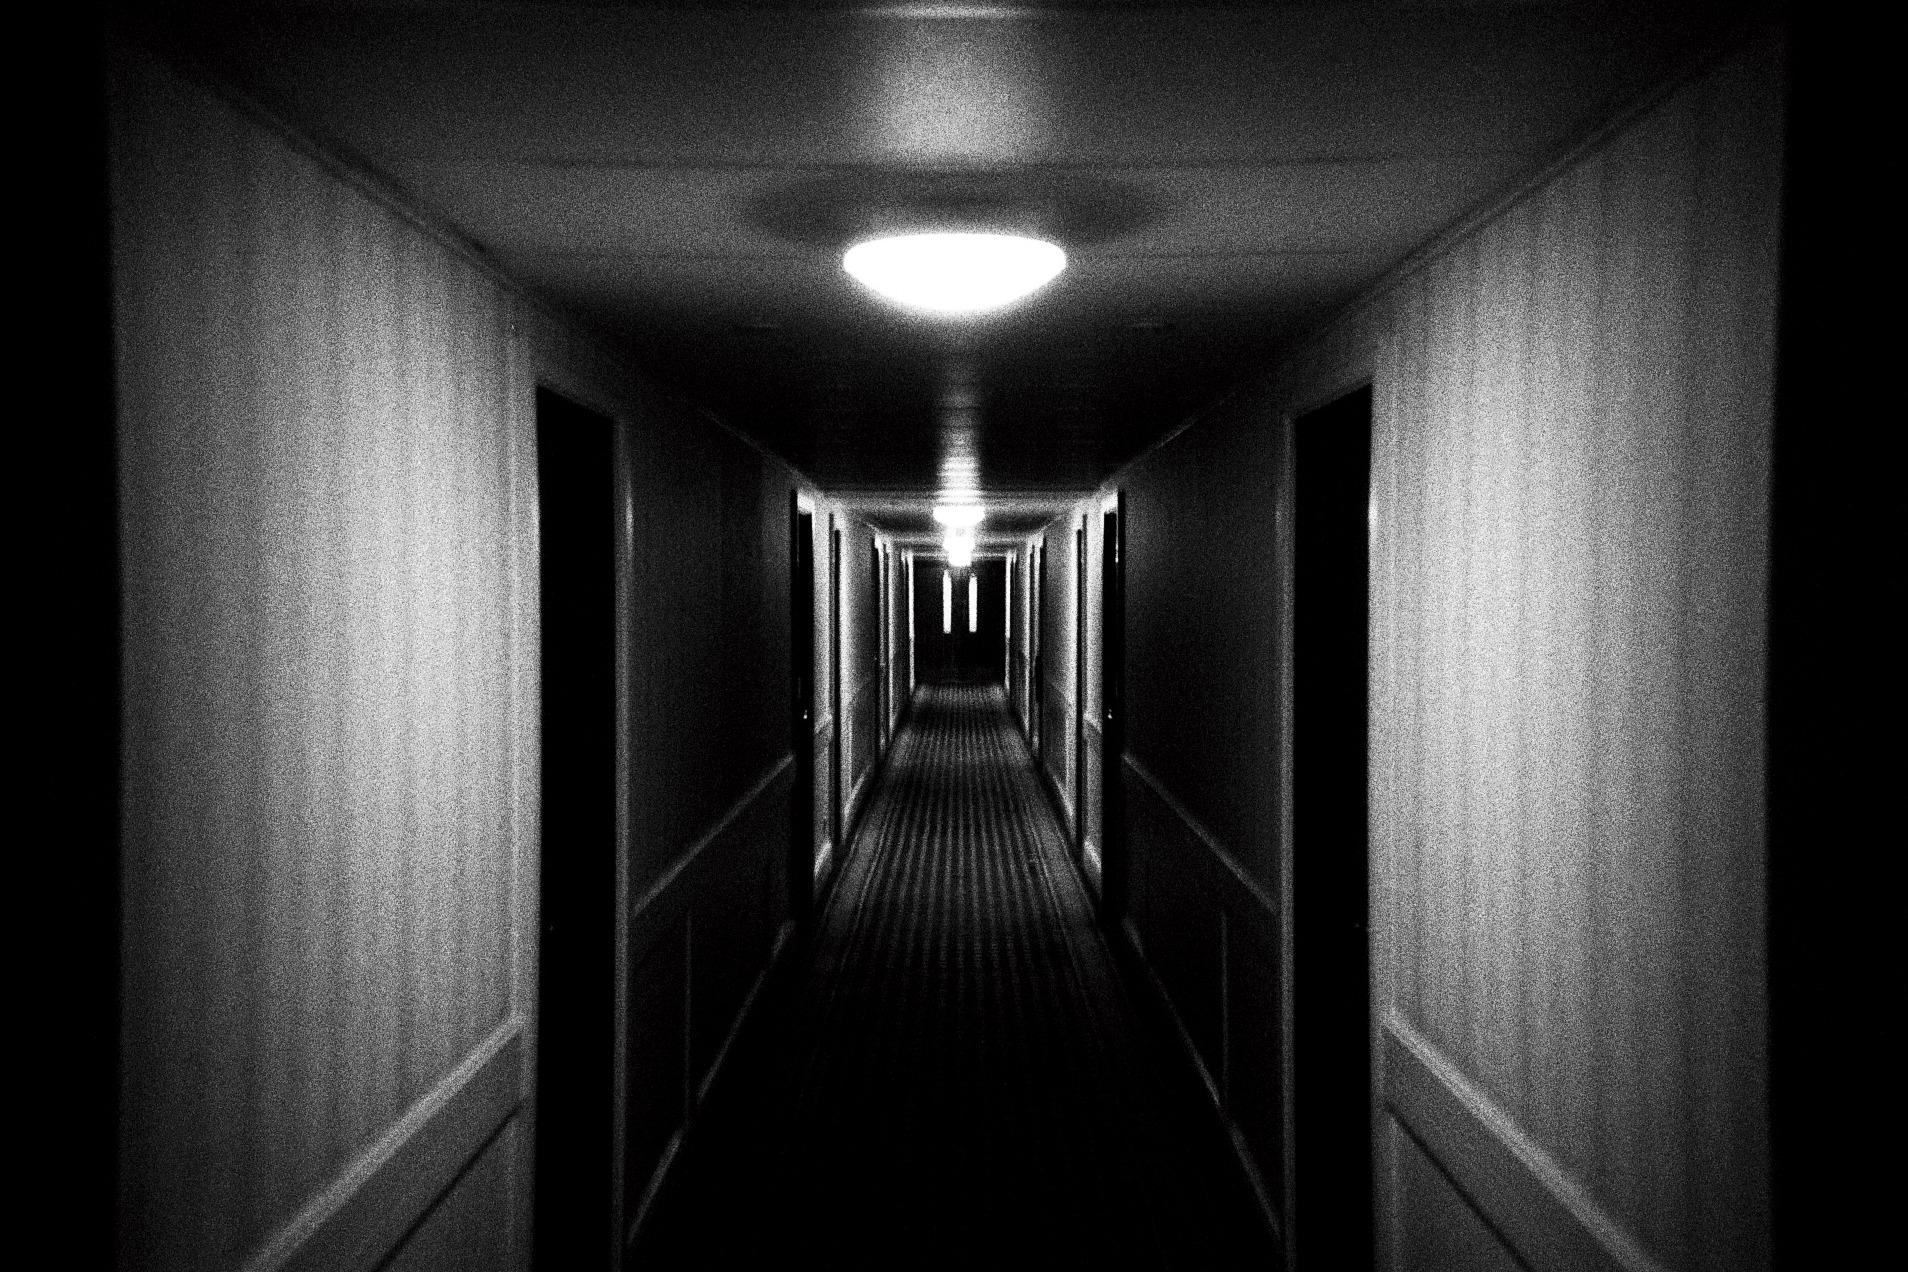 fond d 39 cran noir et blanc film monochrome fond noir analogique 35mm un h tel salle. Black Bedroom Furniture Sets. Home Design Ideas